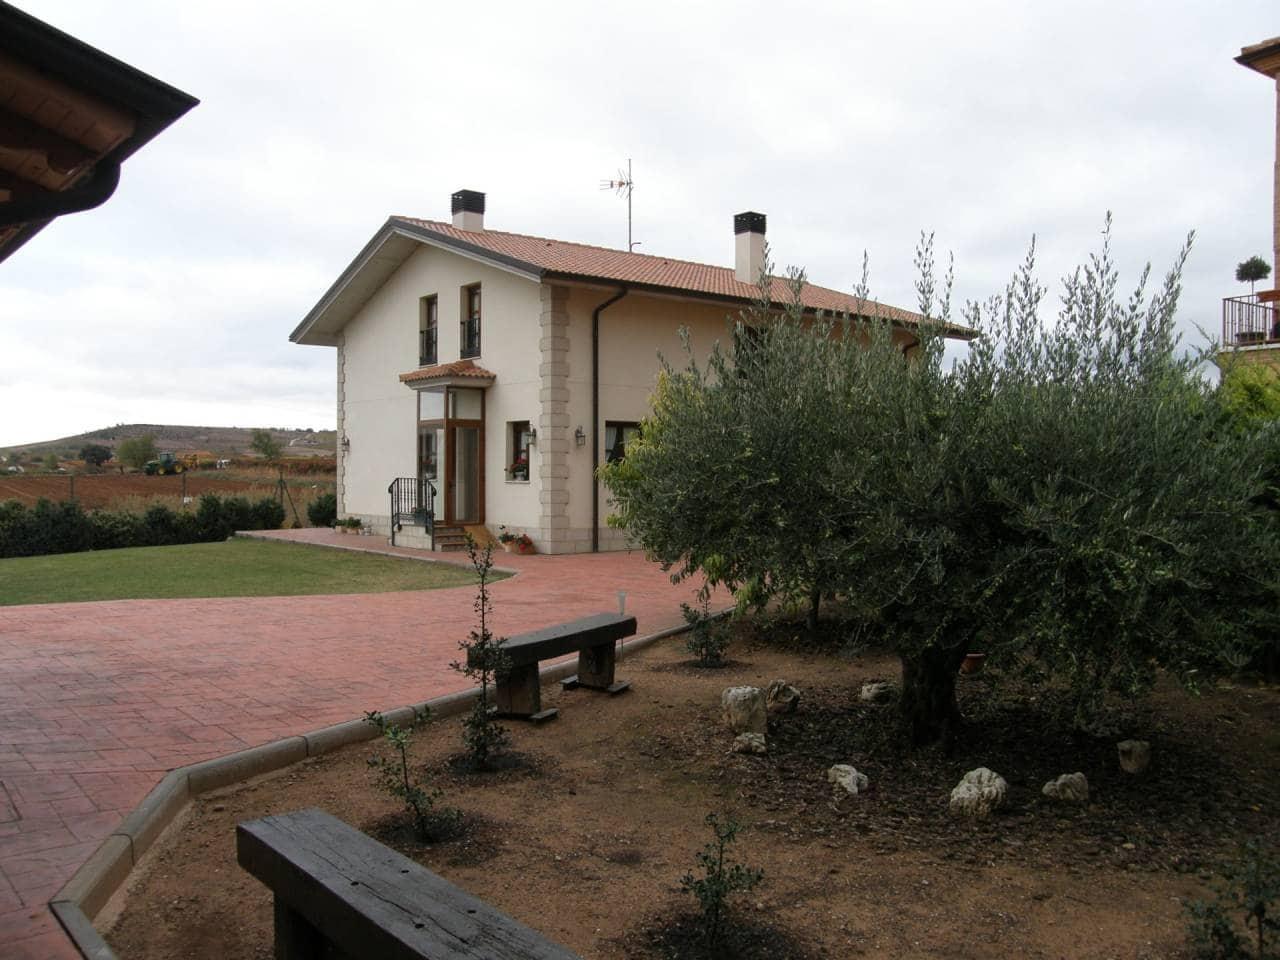 7 bedroom Townhouse for sale in Urunuela - € 440,000 (Ref: 3861875)